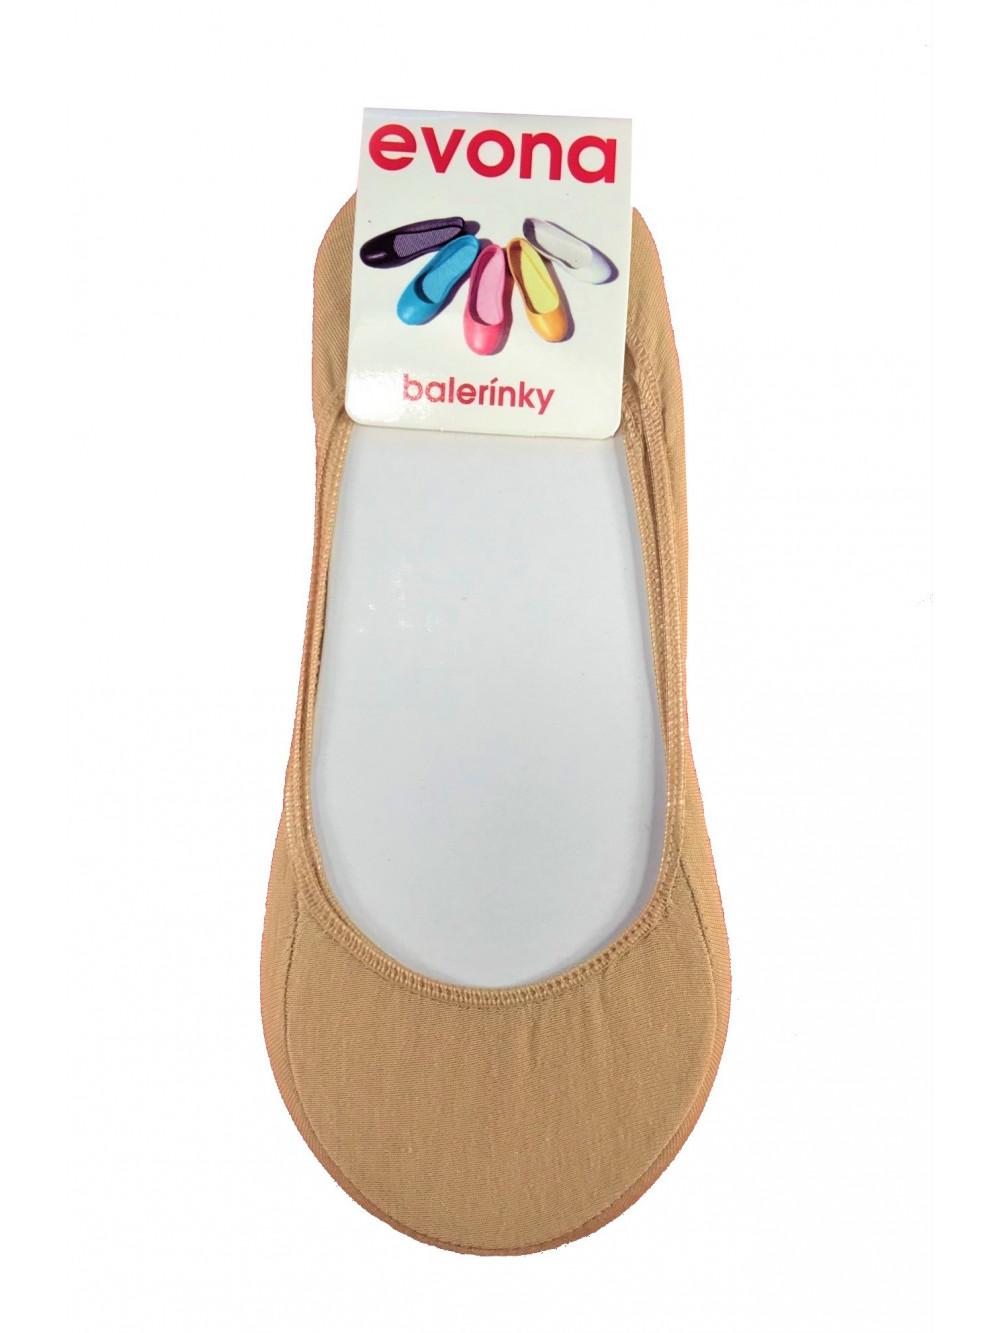 Ponožky Evona baleríny béžové